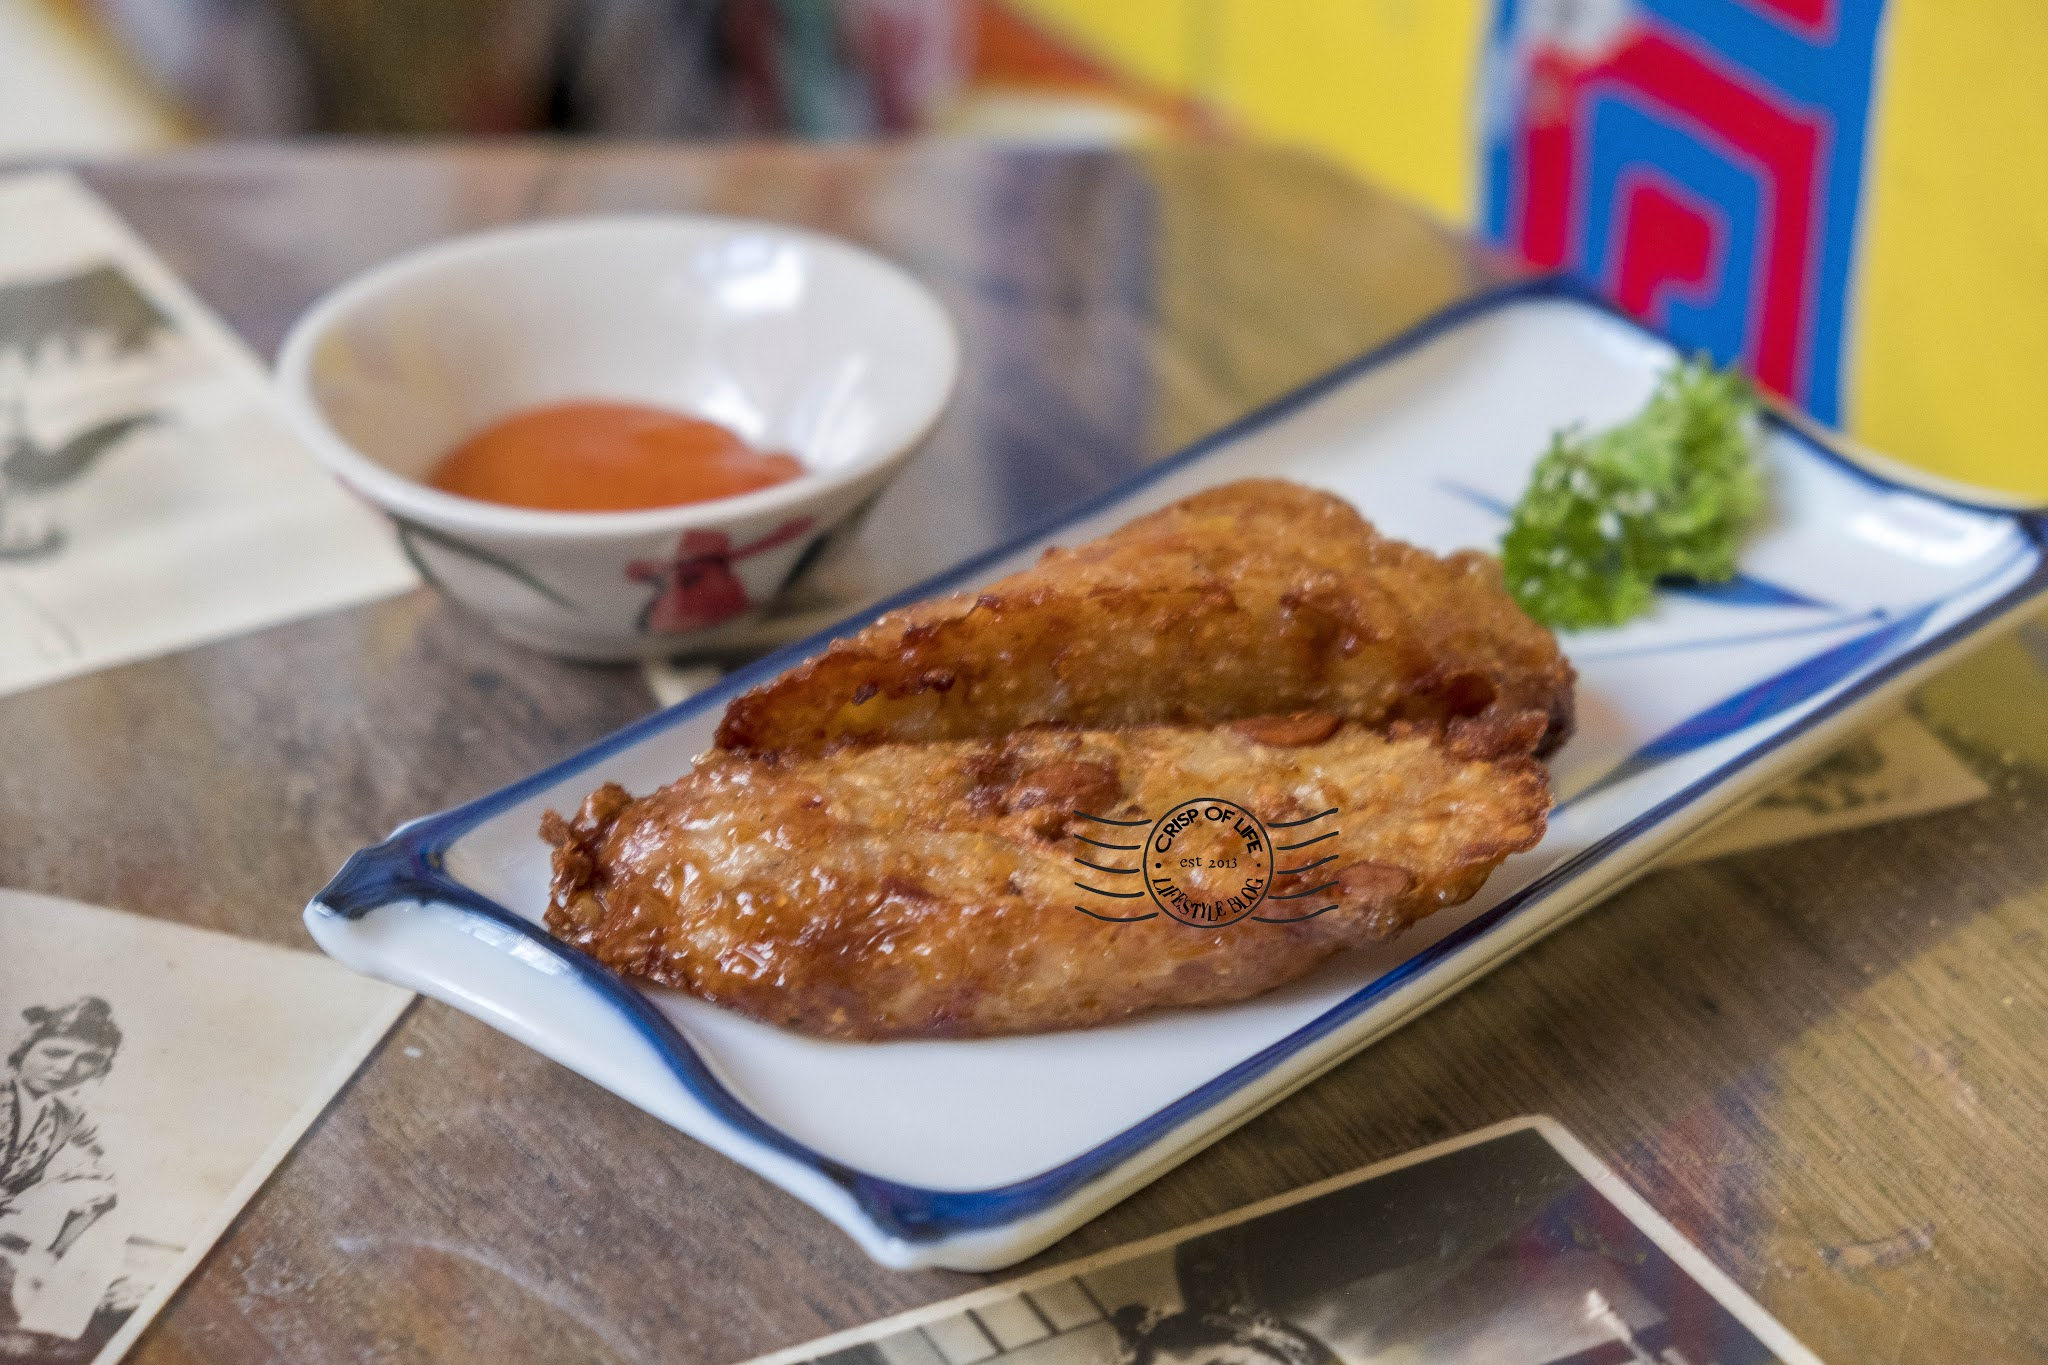 Lai H'ng Café 梨园 Teo Chew Cuisine Cafe @ Lebuh Carnavon, Penang